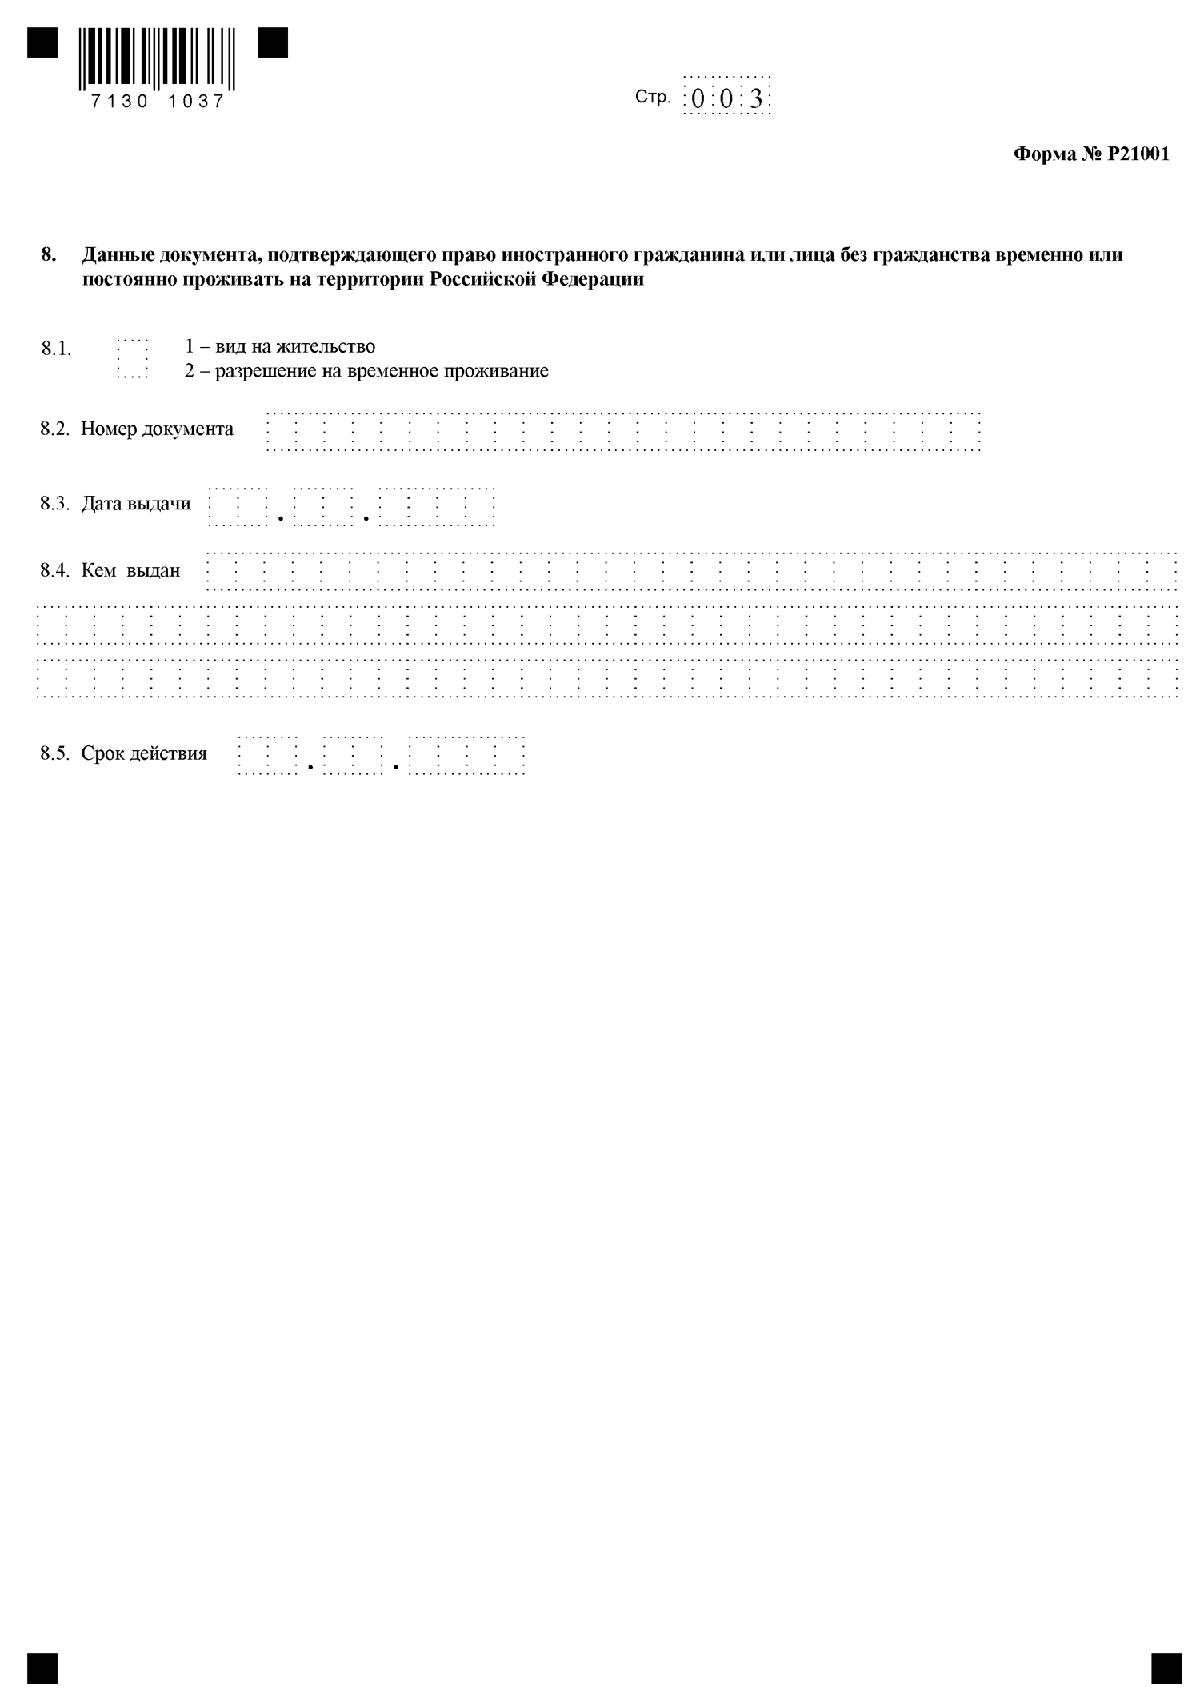 3 страница формы р21001